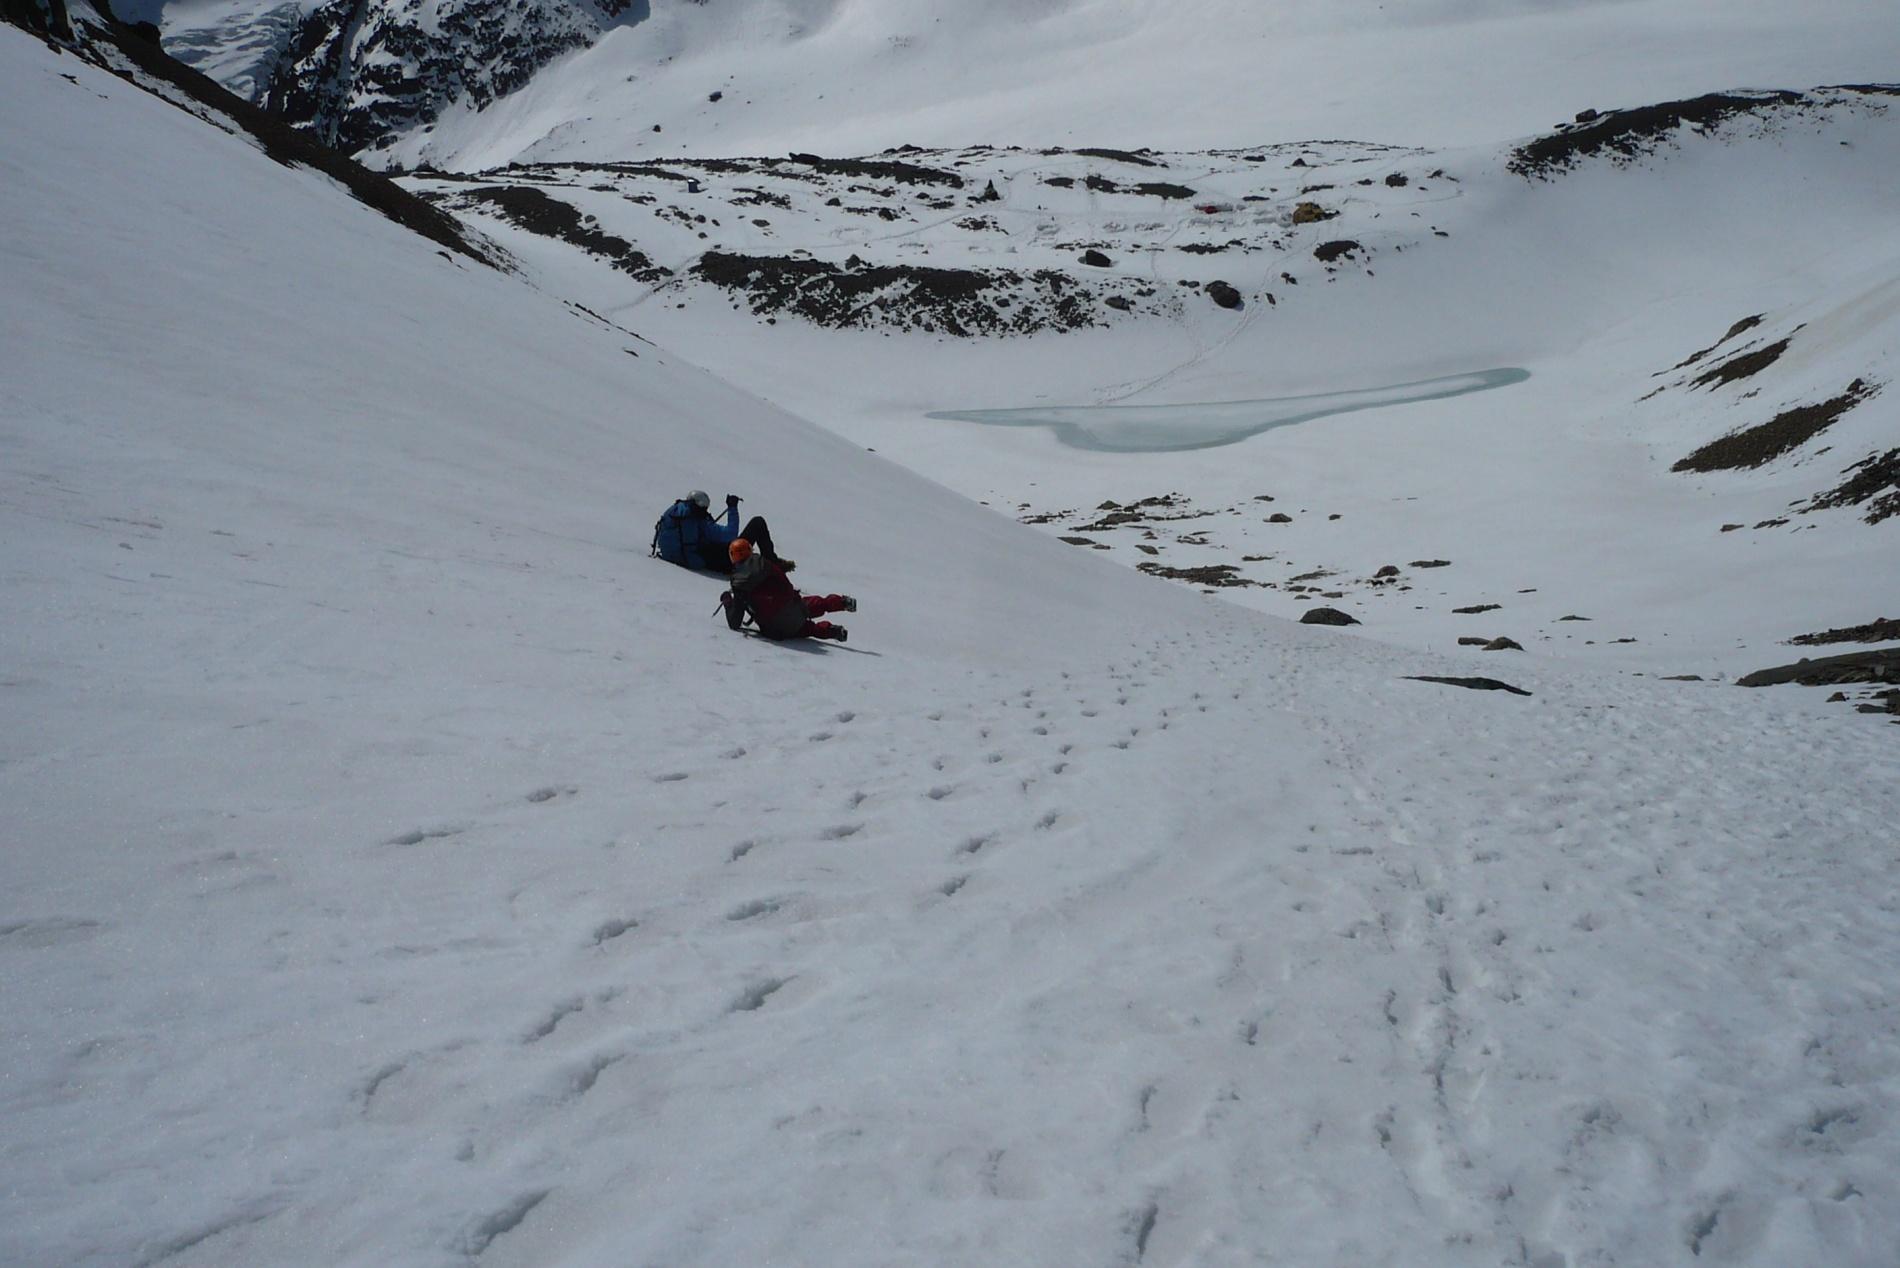 Тренировка по самозадержанию на снежном склоне